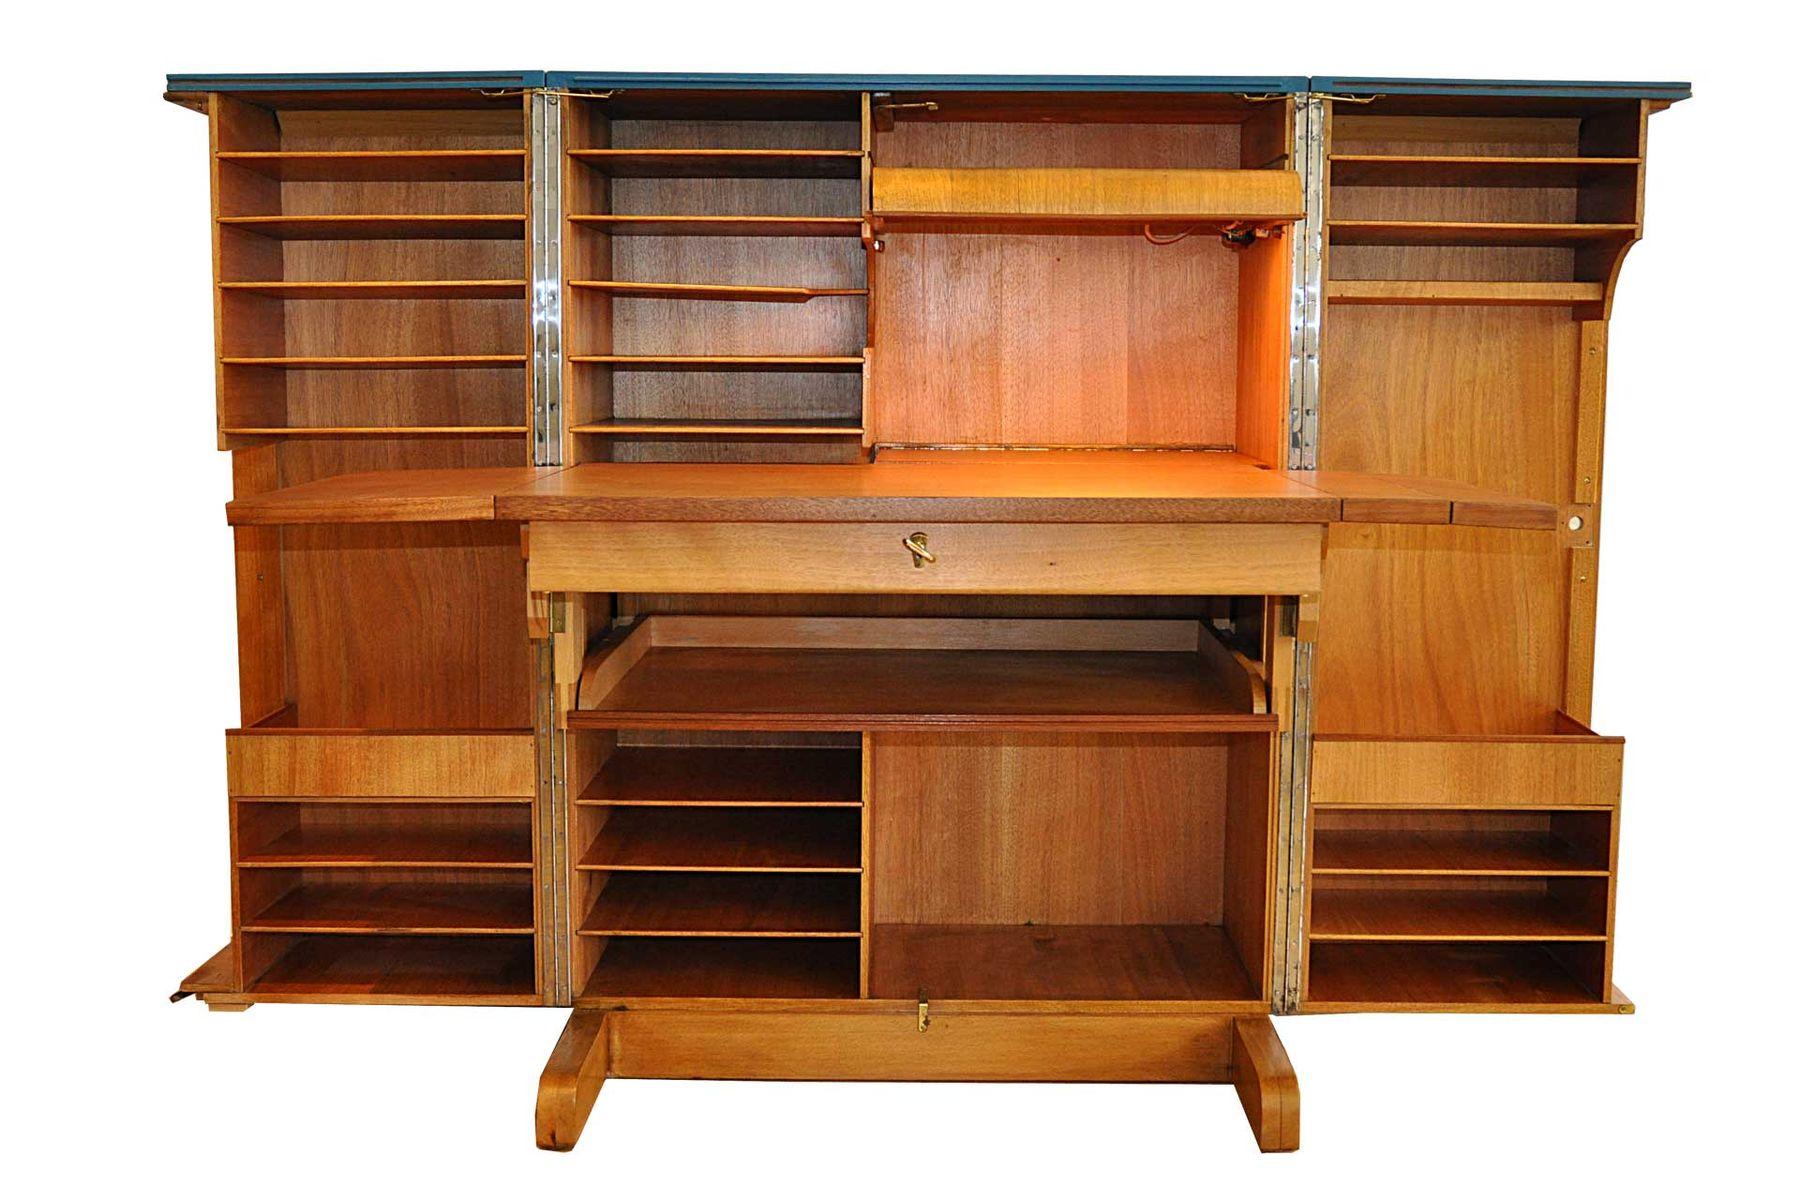 deutscher ausklappbarer schrank mit schreibtisch 1950er bei pamono kaufen. Black Bedroom Furniture Sets. Home Design Ideas